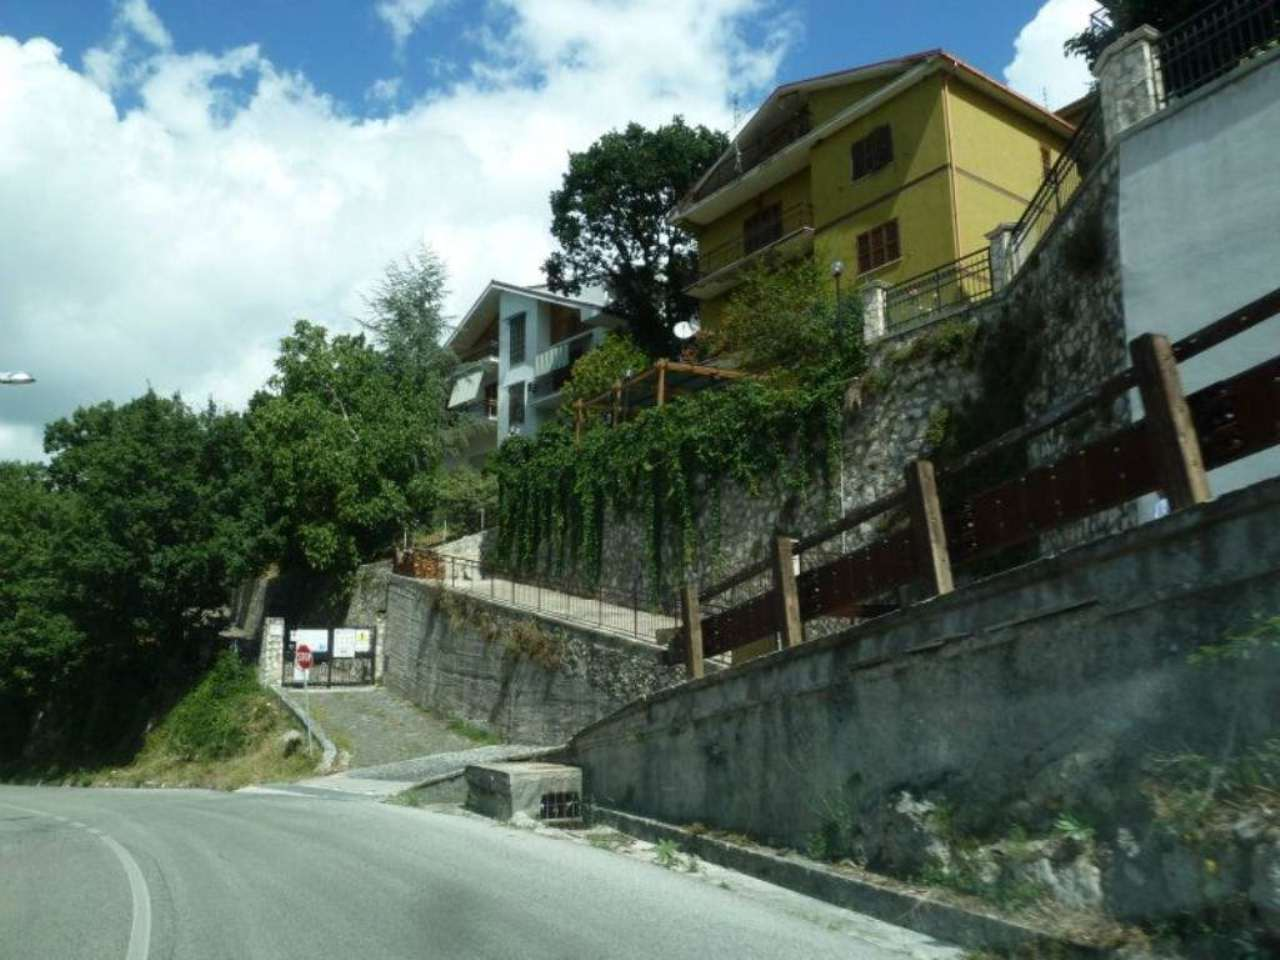 Appartamento in vendita a Pereto, 9 locali, prezzo € 75.000 | Cambio Casa.it